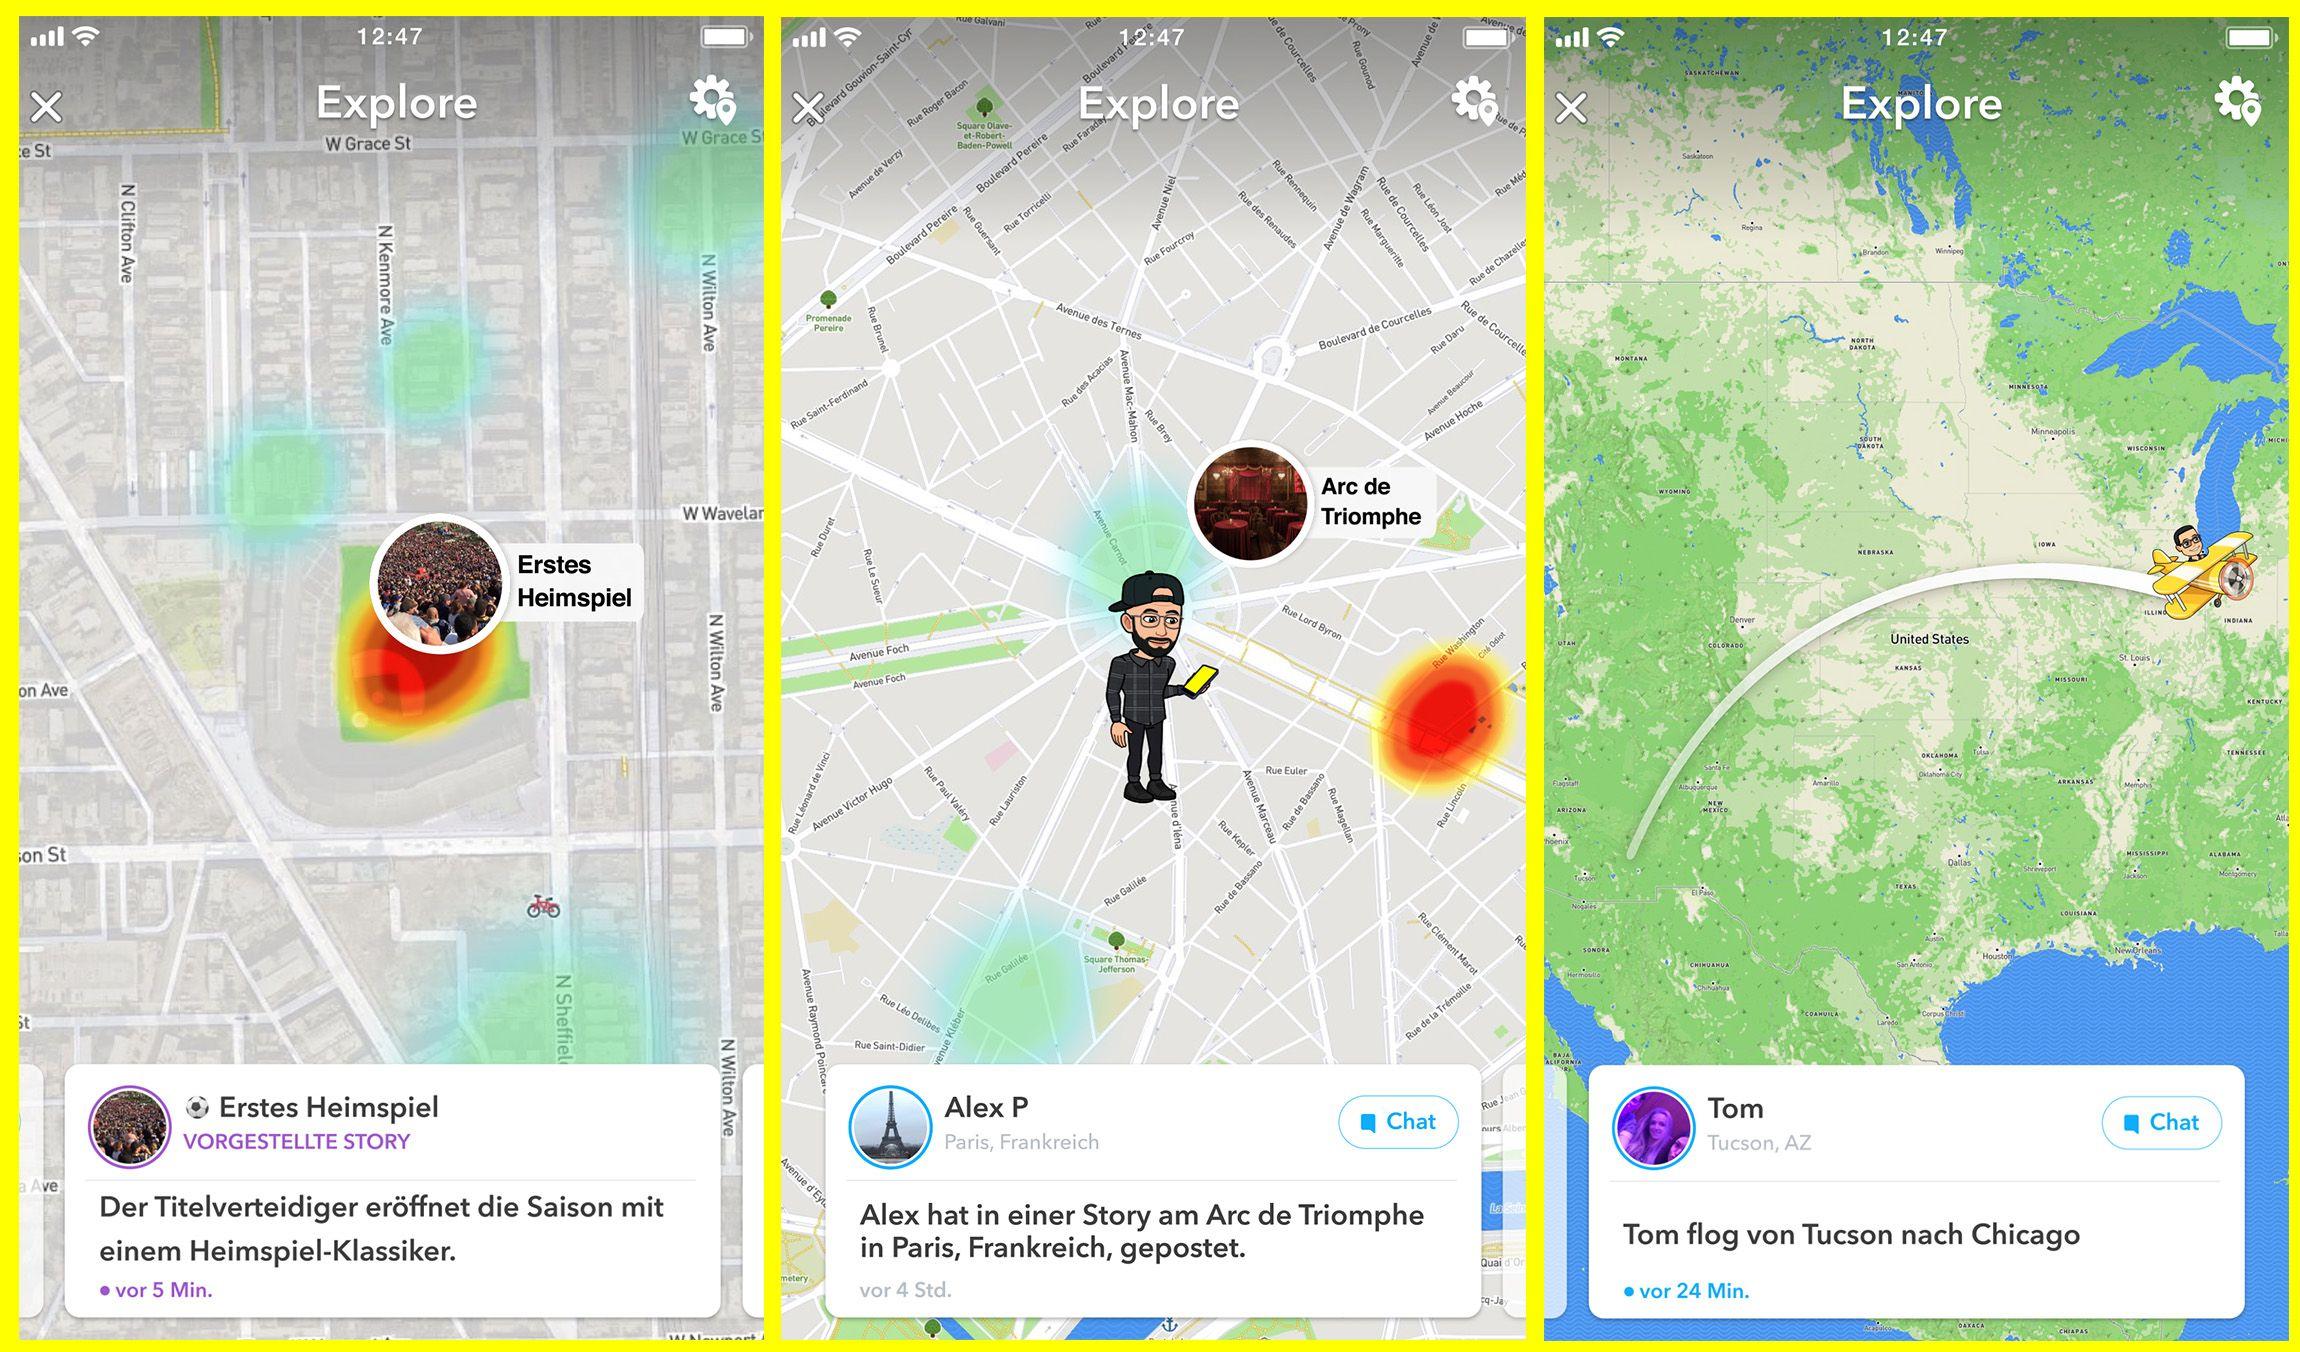 Millionen Menschen nutzen Snap Map jeden Tag um zu sehen was ihre Freunden gerade machen und um sich tolle Storys aus aller Welt anzuschauen